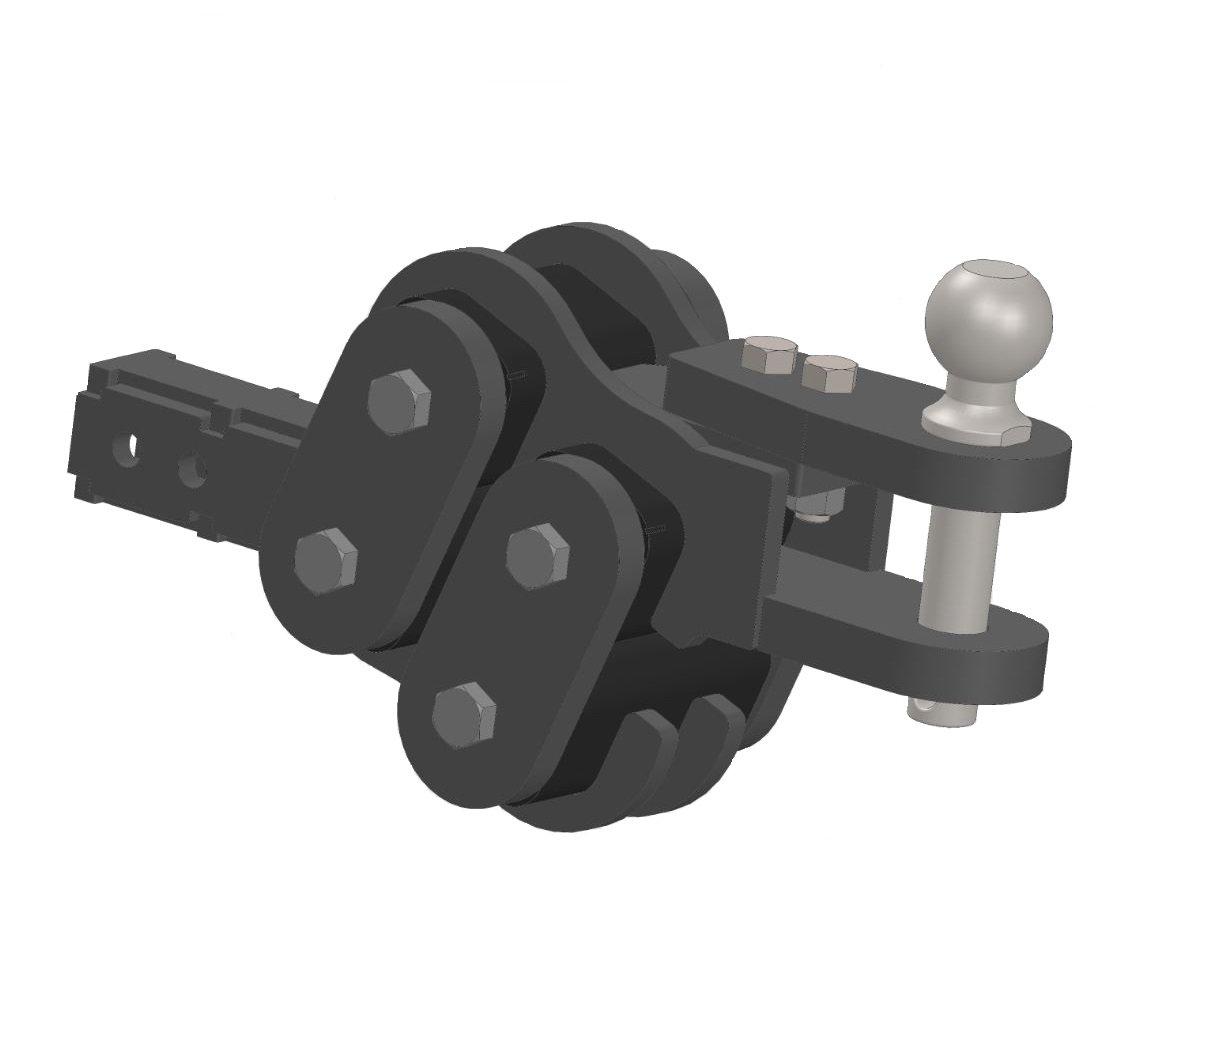 GEN-Y Hitch GH-9001 AG Horizontal Torsion Drawbar for 2.5 Shank